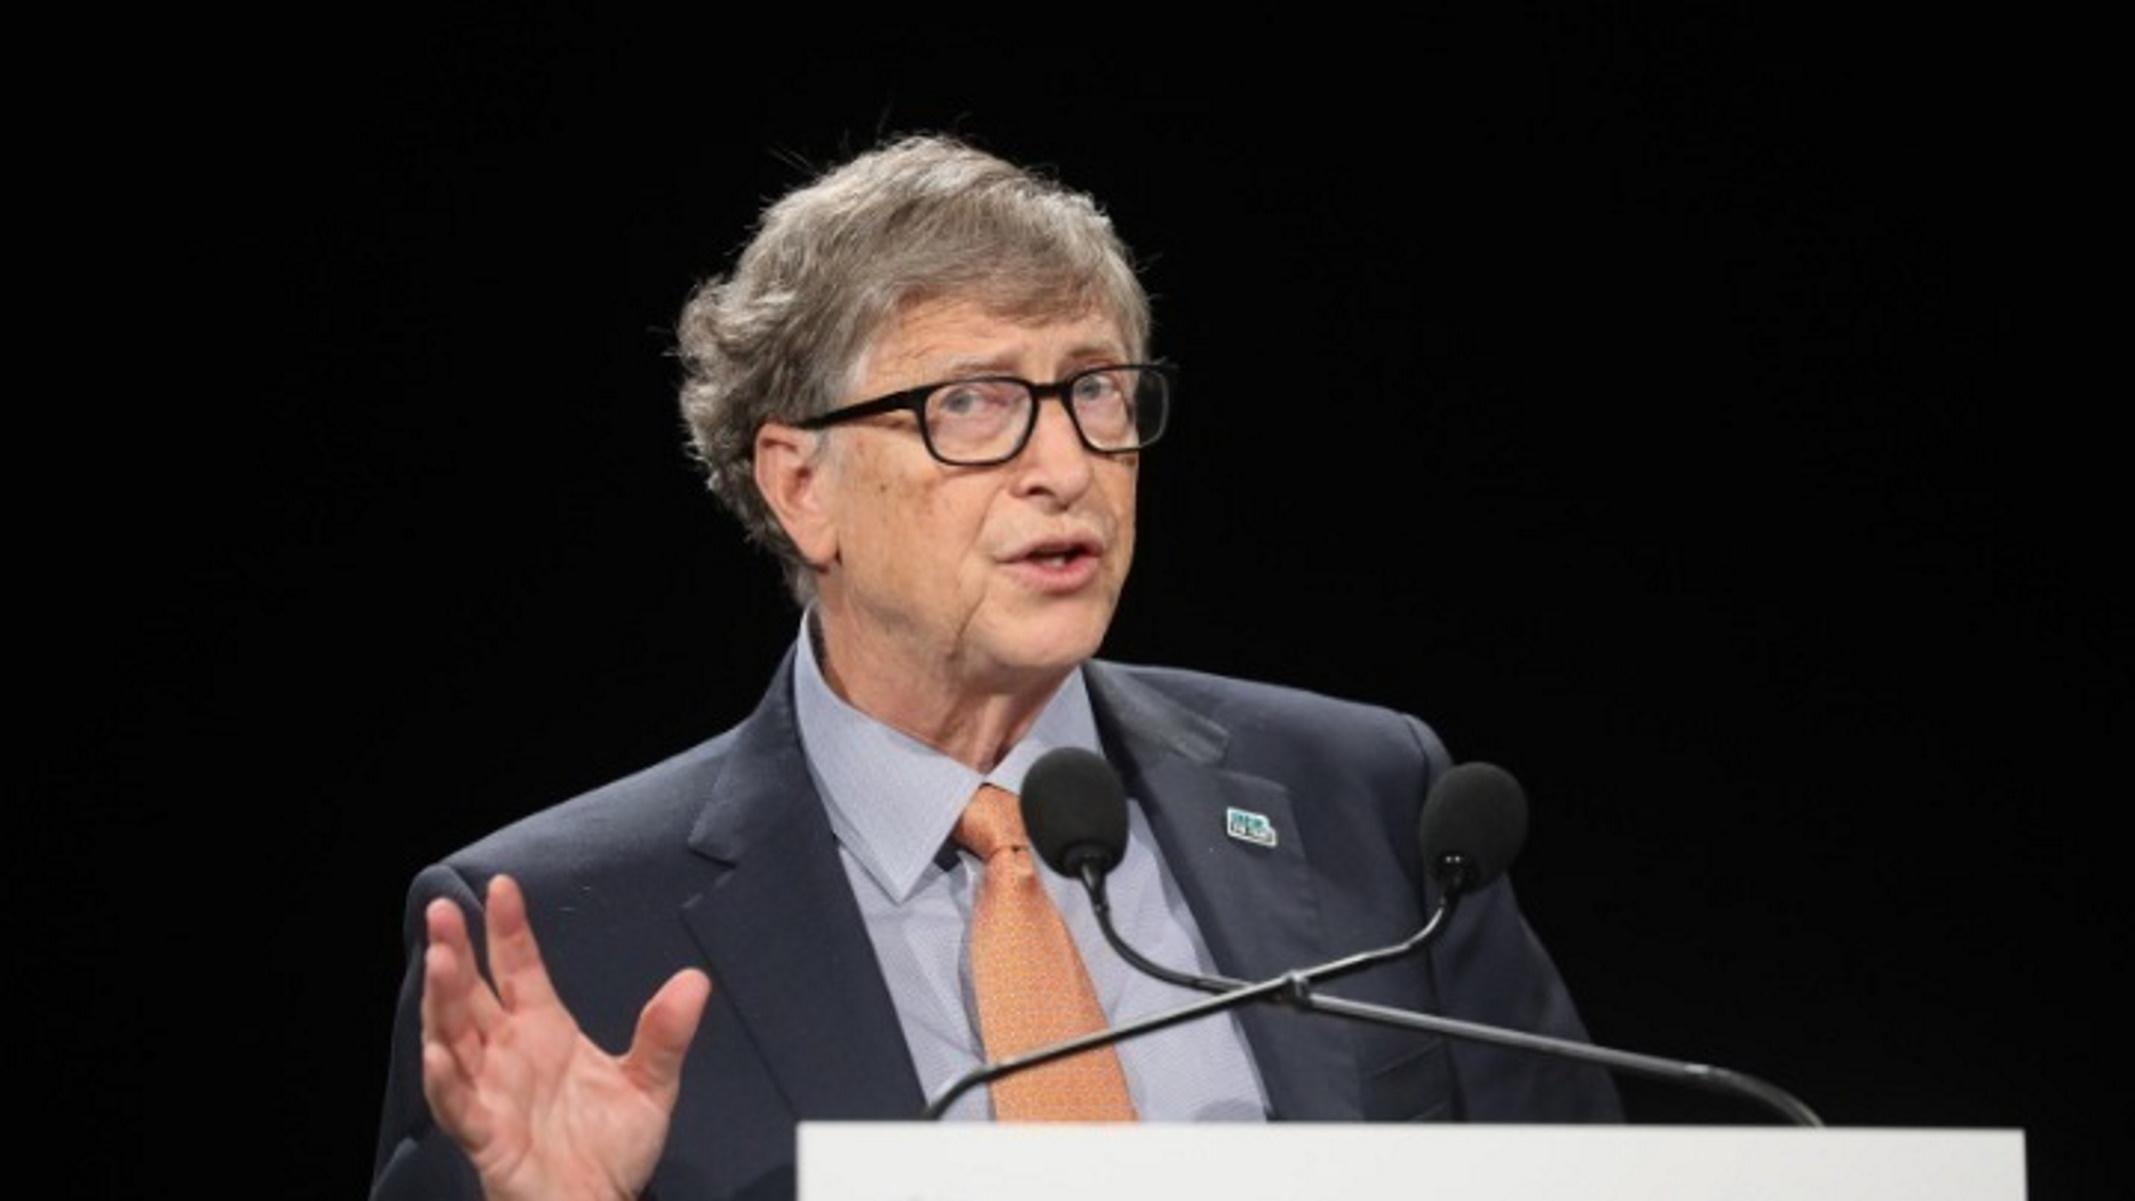 Bill Gates για το διαζύγιό του: Τα έκανα θάλασσα